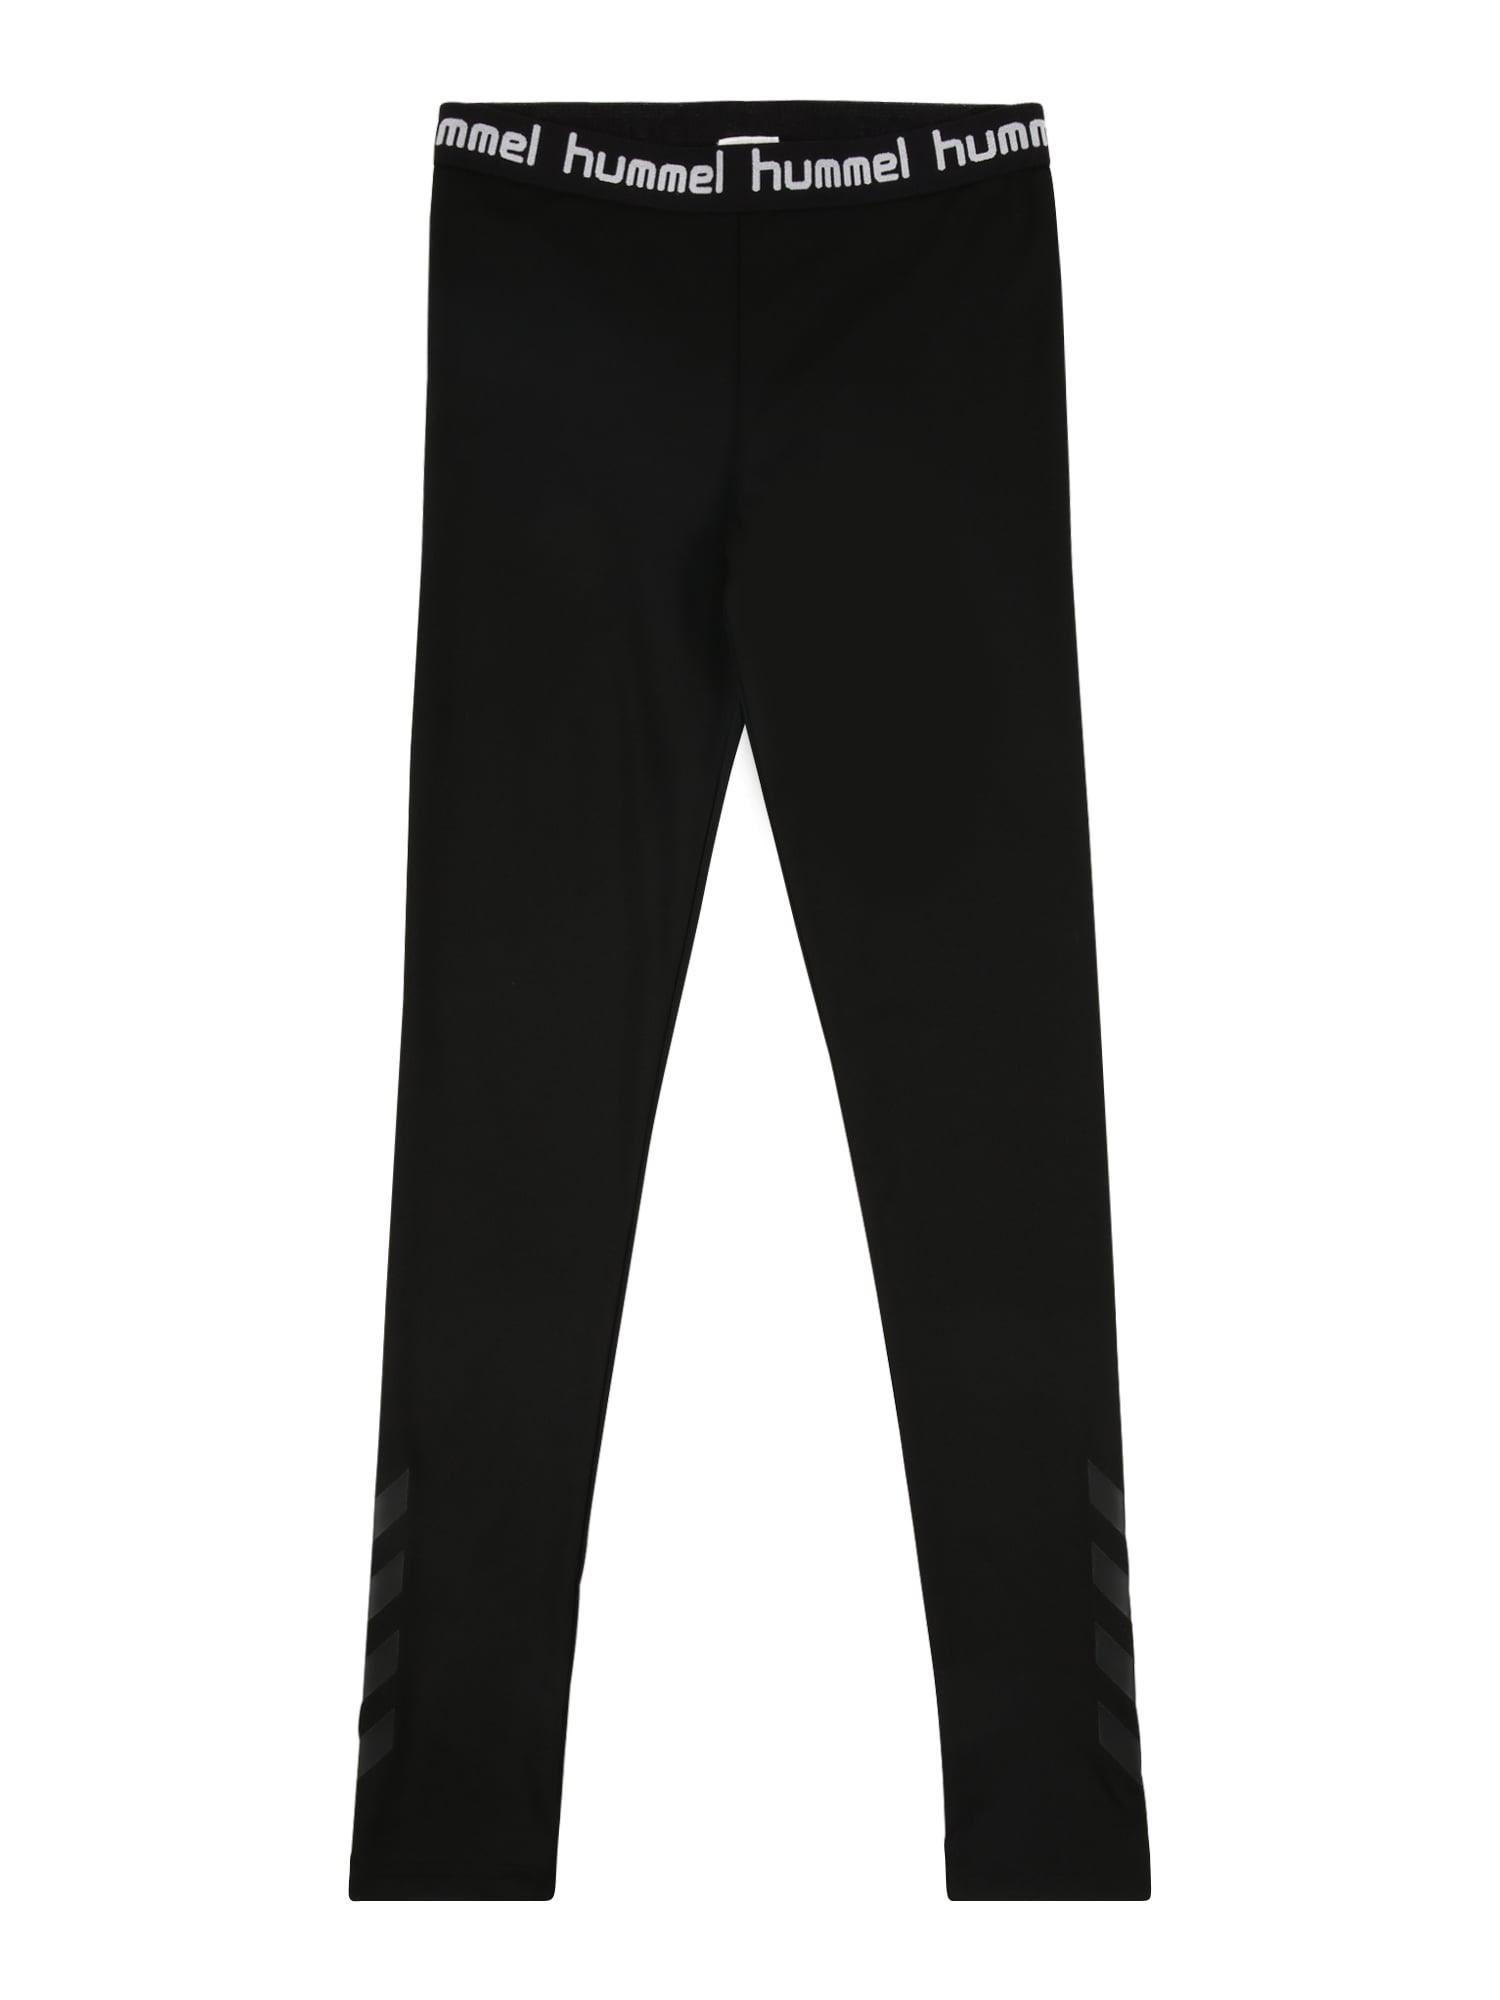 Hummel Leggings 'Tona'  - Noir - Taille: 104 - girl